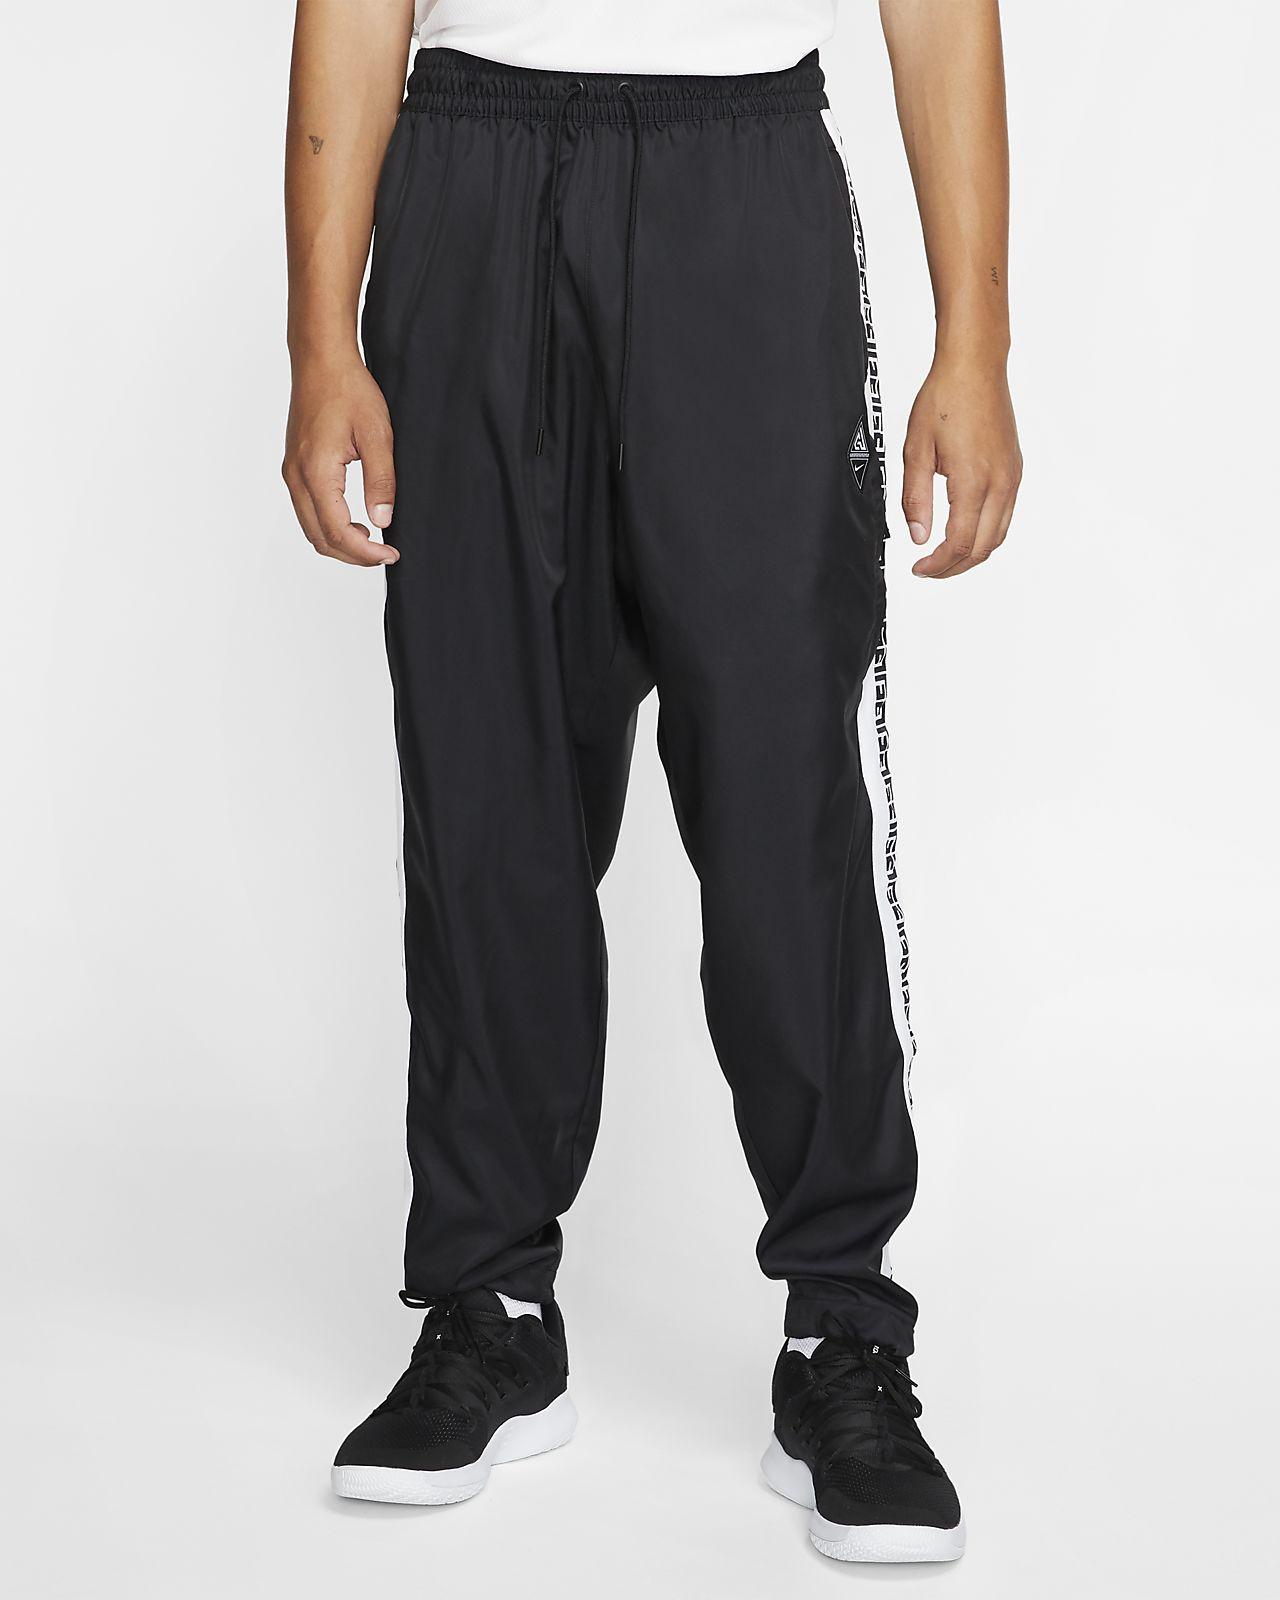 Pantalones de entrenamiento de básquetbol con logotipo para hombre Giannis